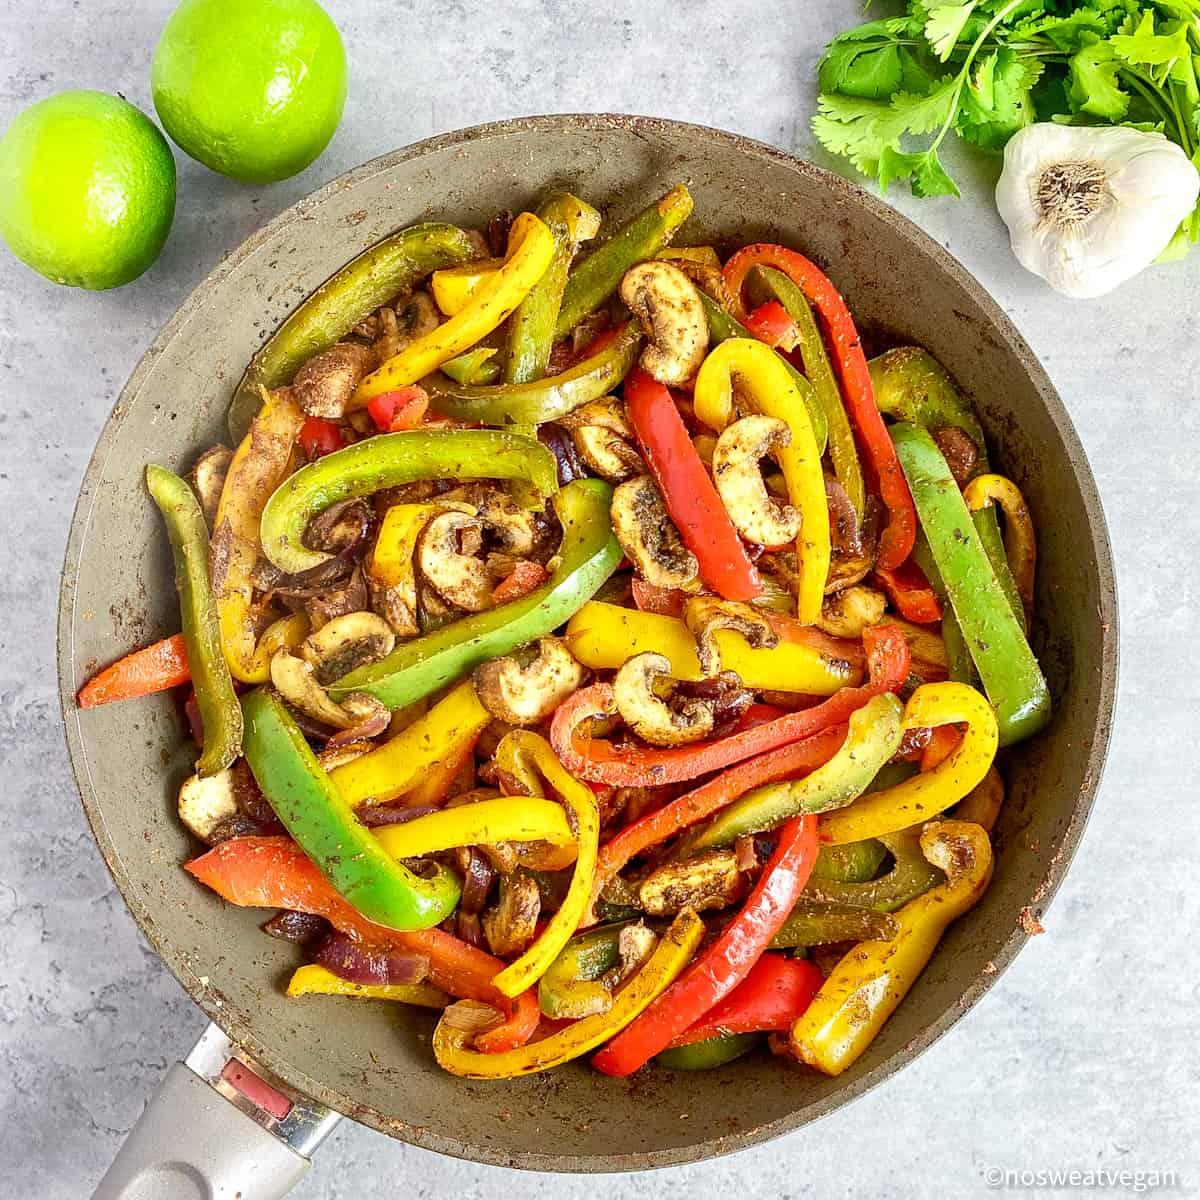 mushrooms added to fajita veggies in skillet